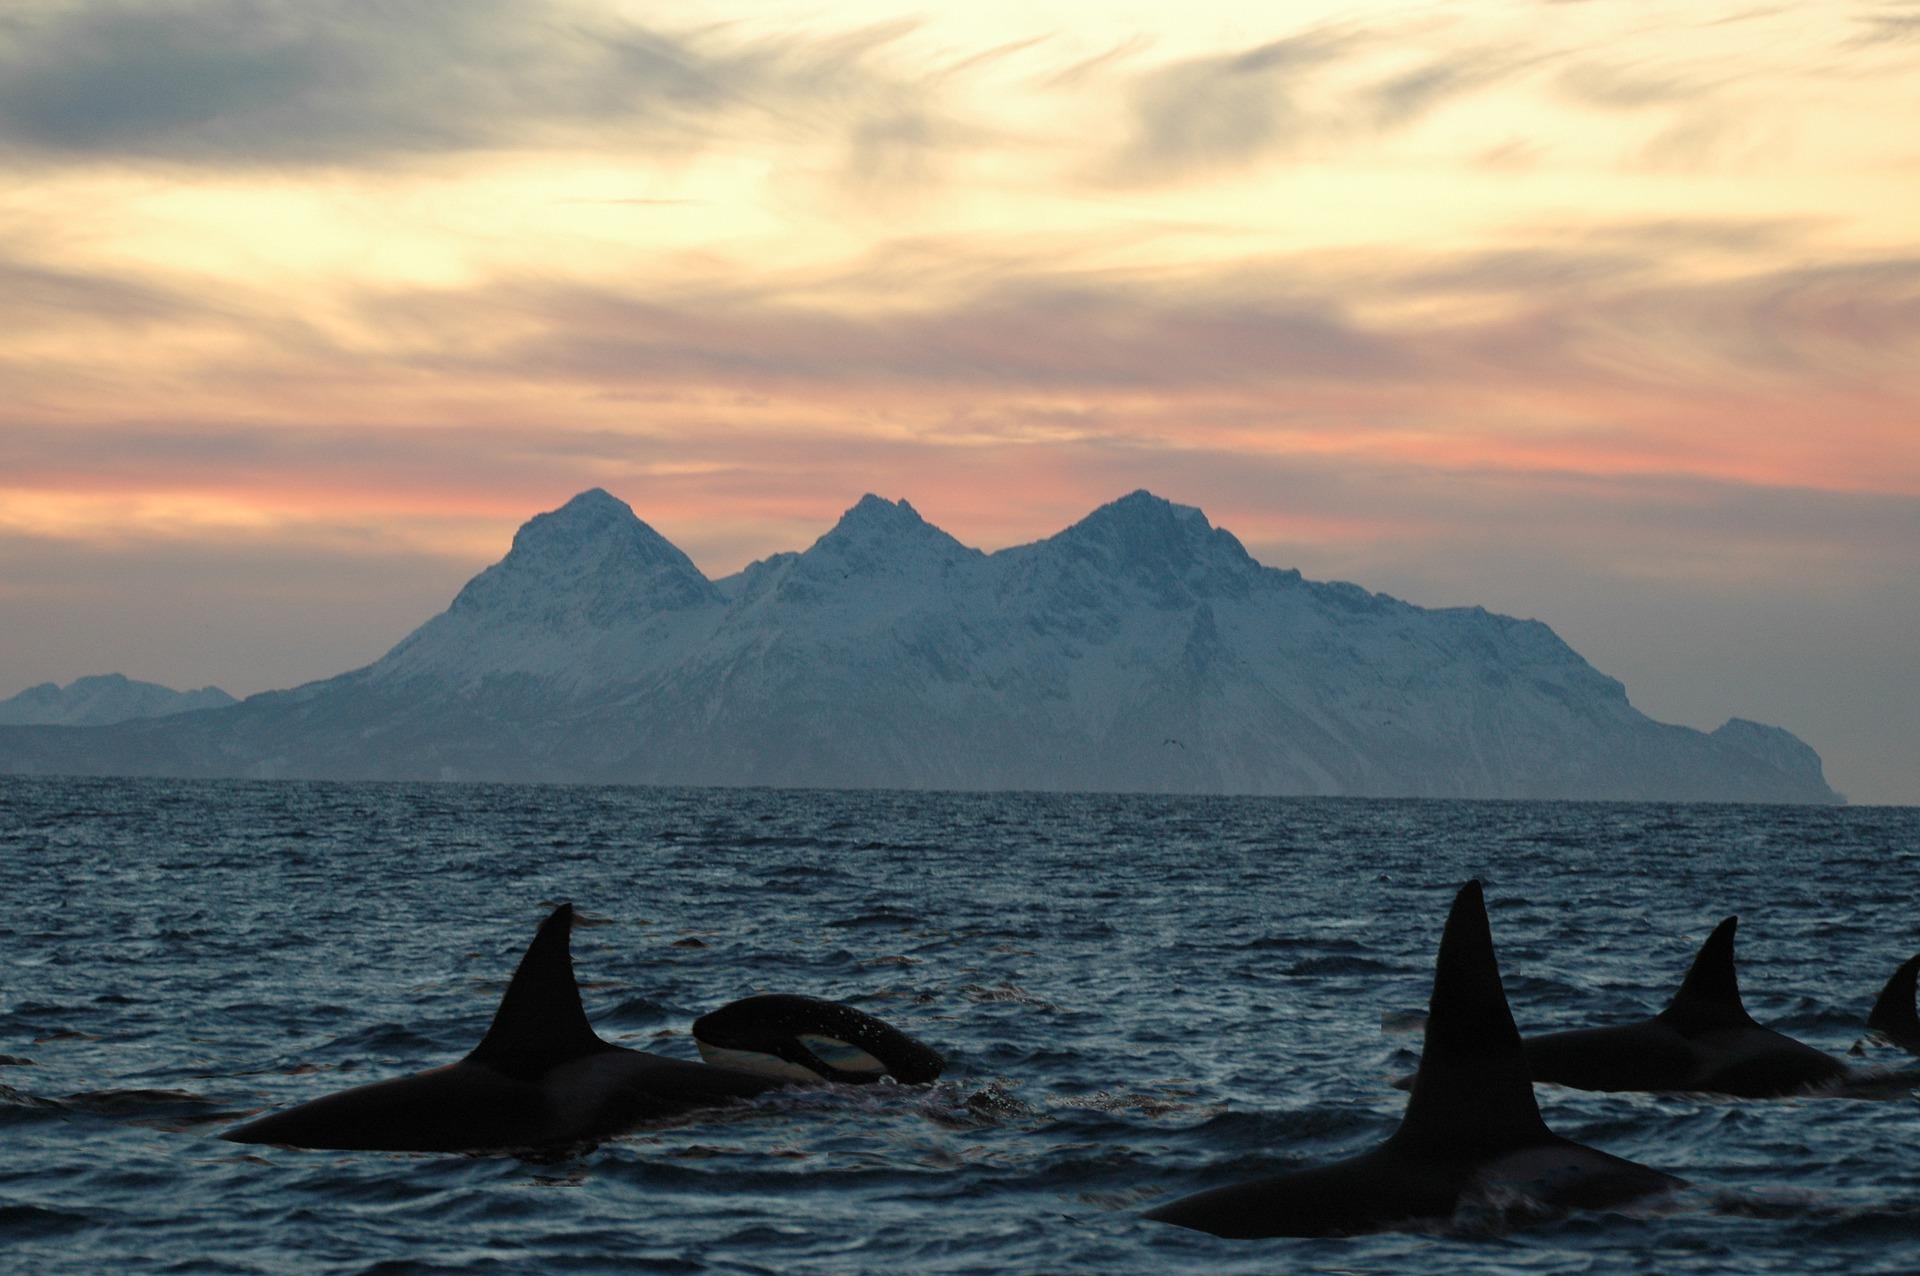 orca-2358366_1920.jpg